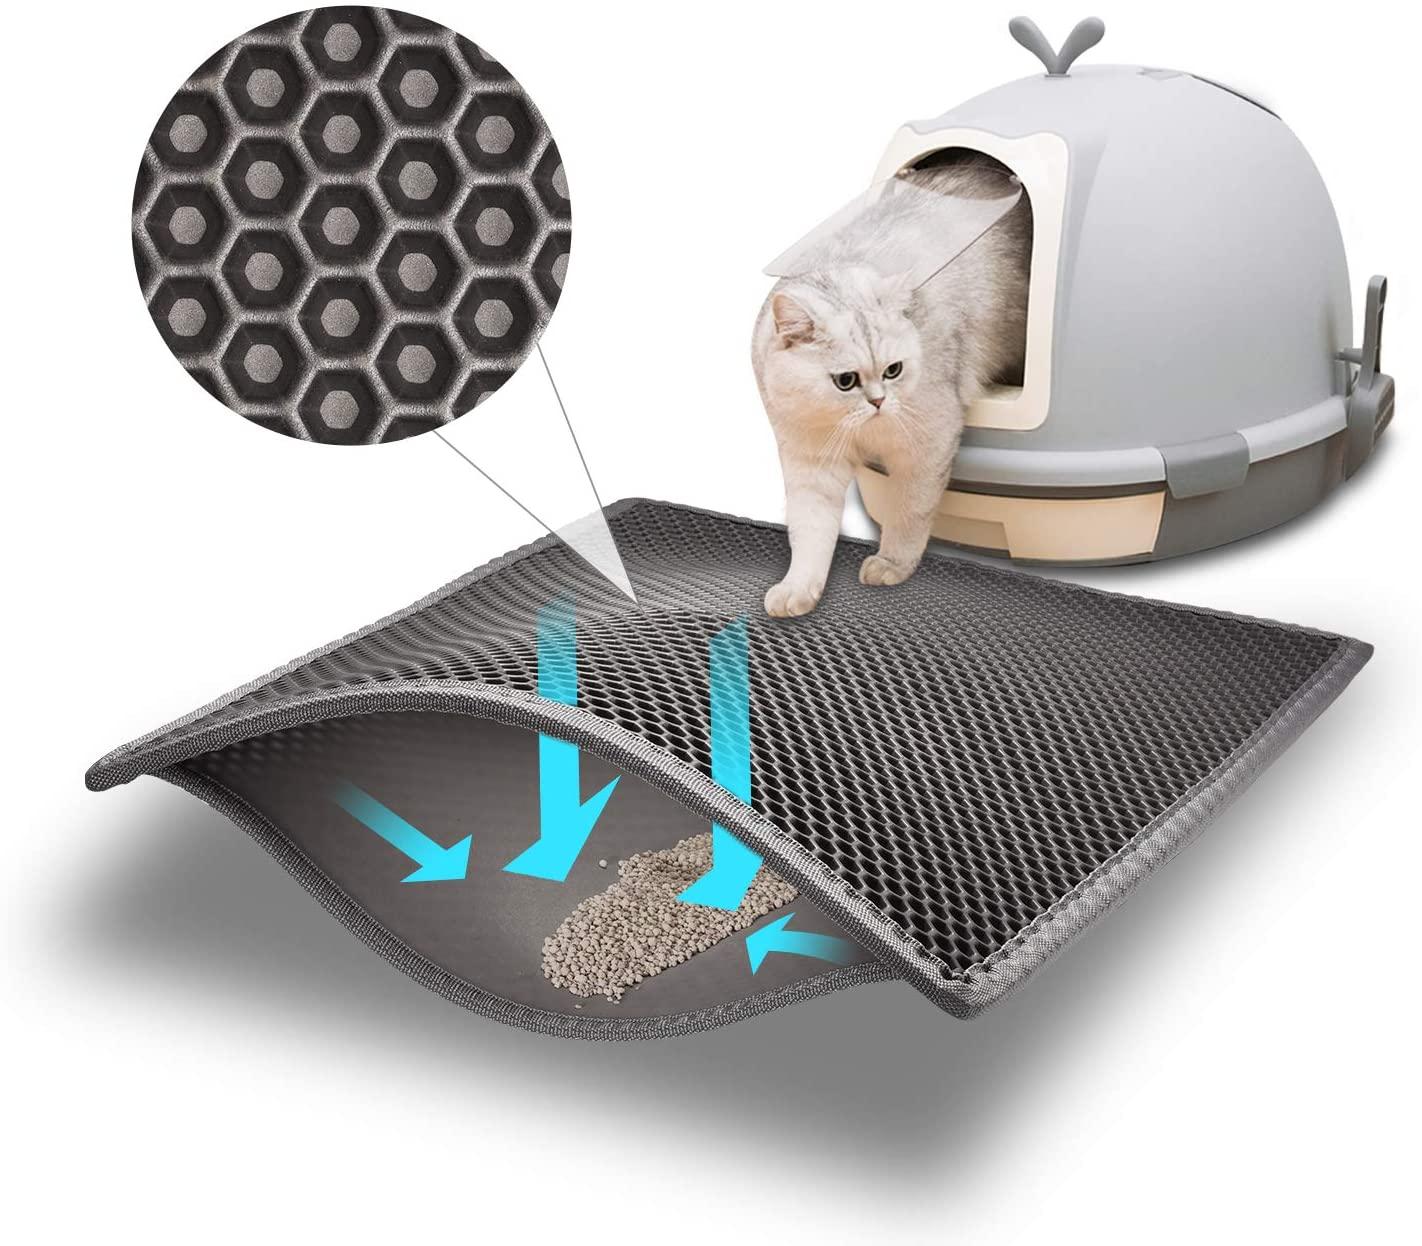 Tapis de bac à litière pour chat (vendeur tiers)